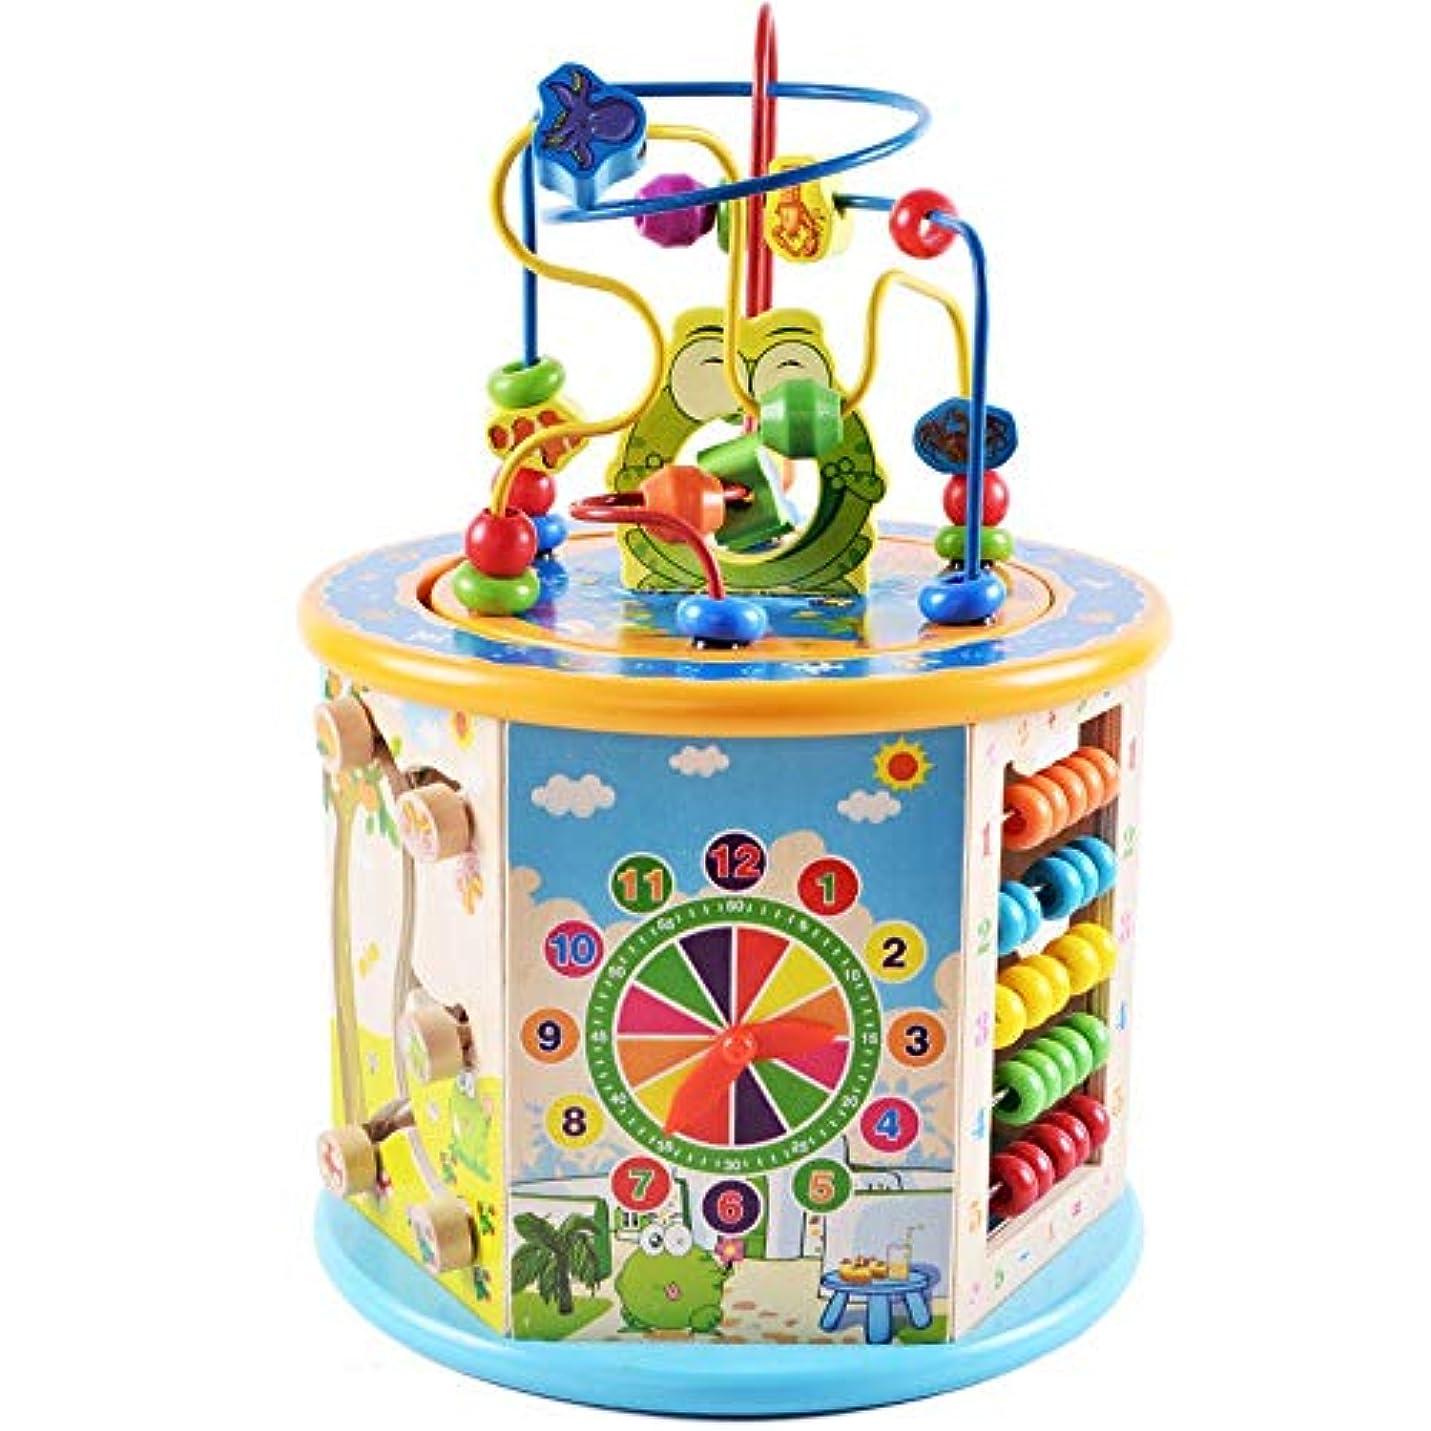 石の補助杖ビーズコースター ルーピング おもちゃ 木製のアクティビティキューブ、音楽活動教育的なゲームサウンドでセンターの赤ちゃん幼児のおもちゃを再生 マルチアクティビティ 赤ちゃんおもちゃ人気 お誕生日プレゼント (Color : Multi-colored, Size : Free size)